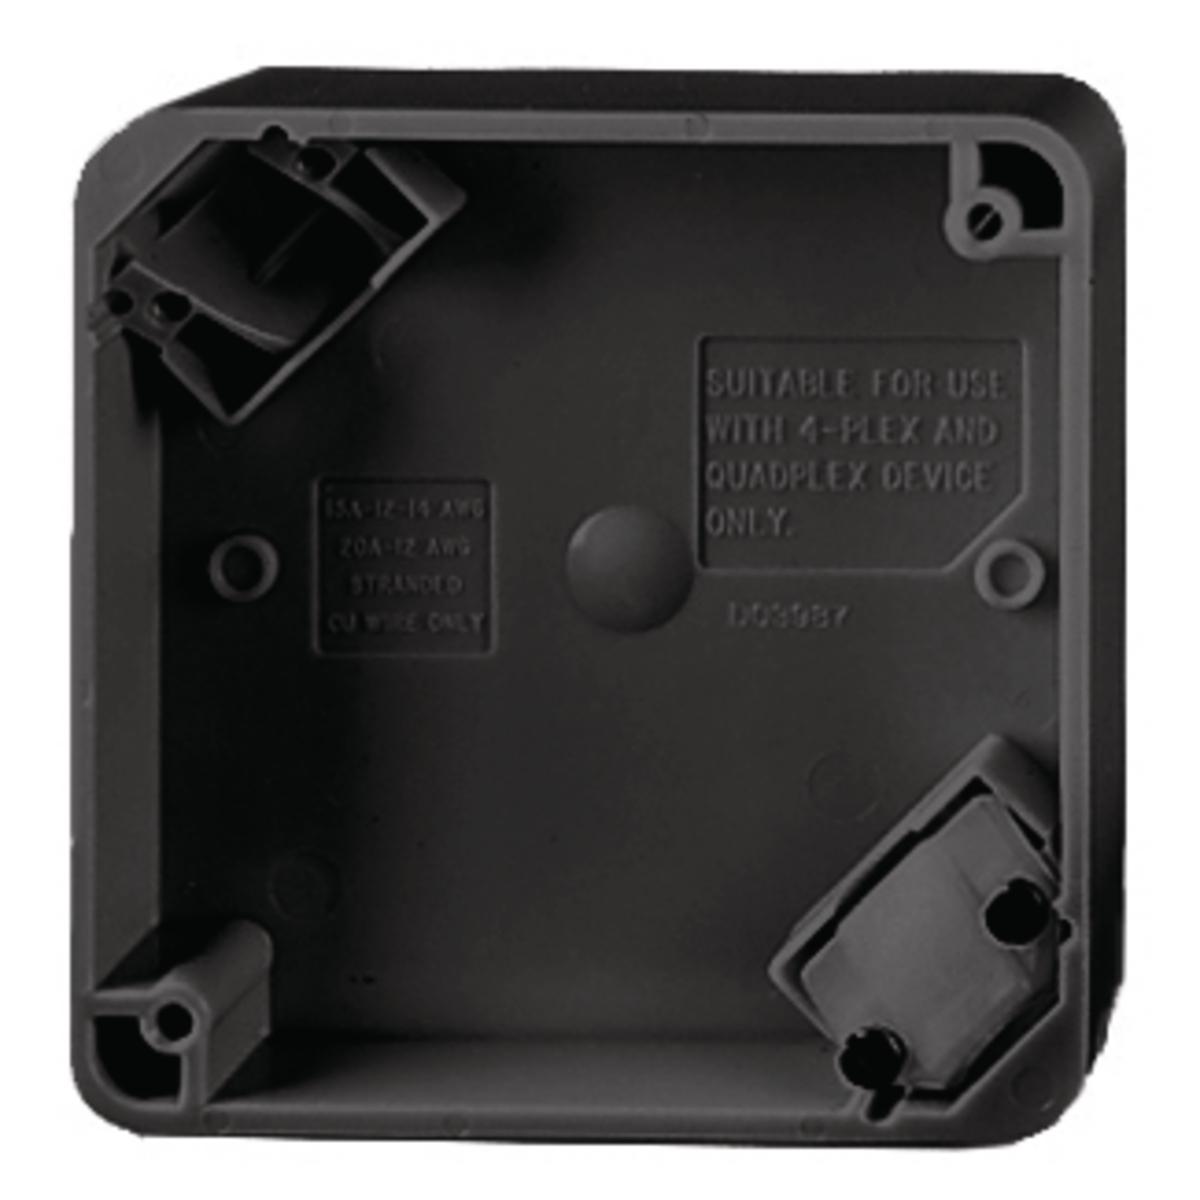 Hubbell HBL4PBBK4-PLEX PORT BOX, BK